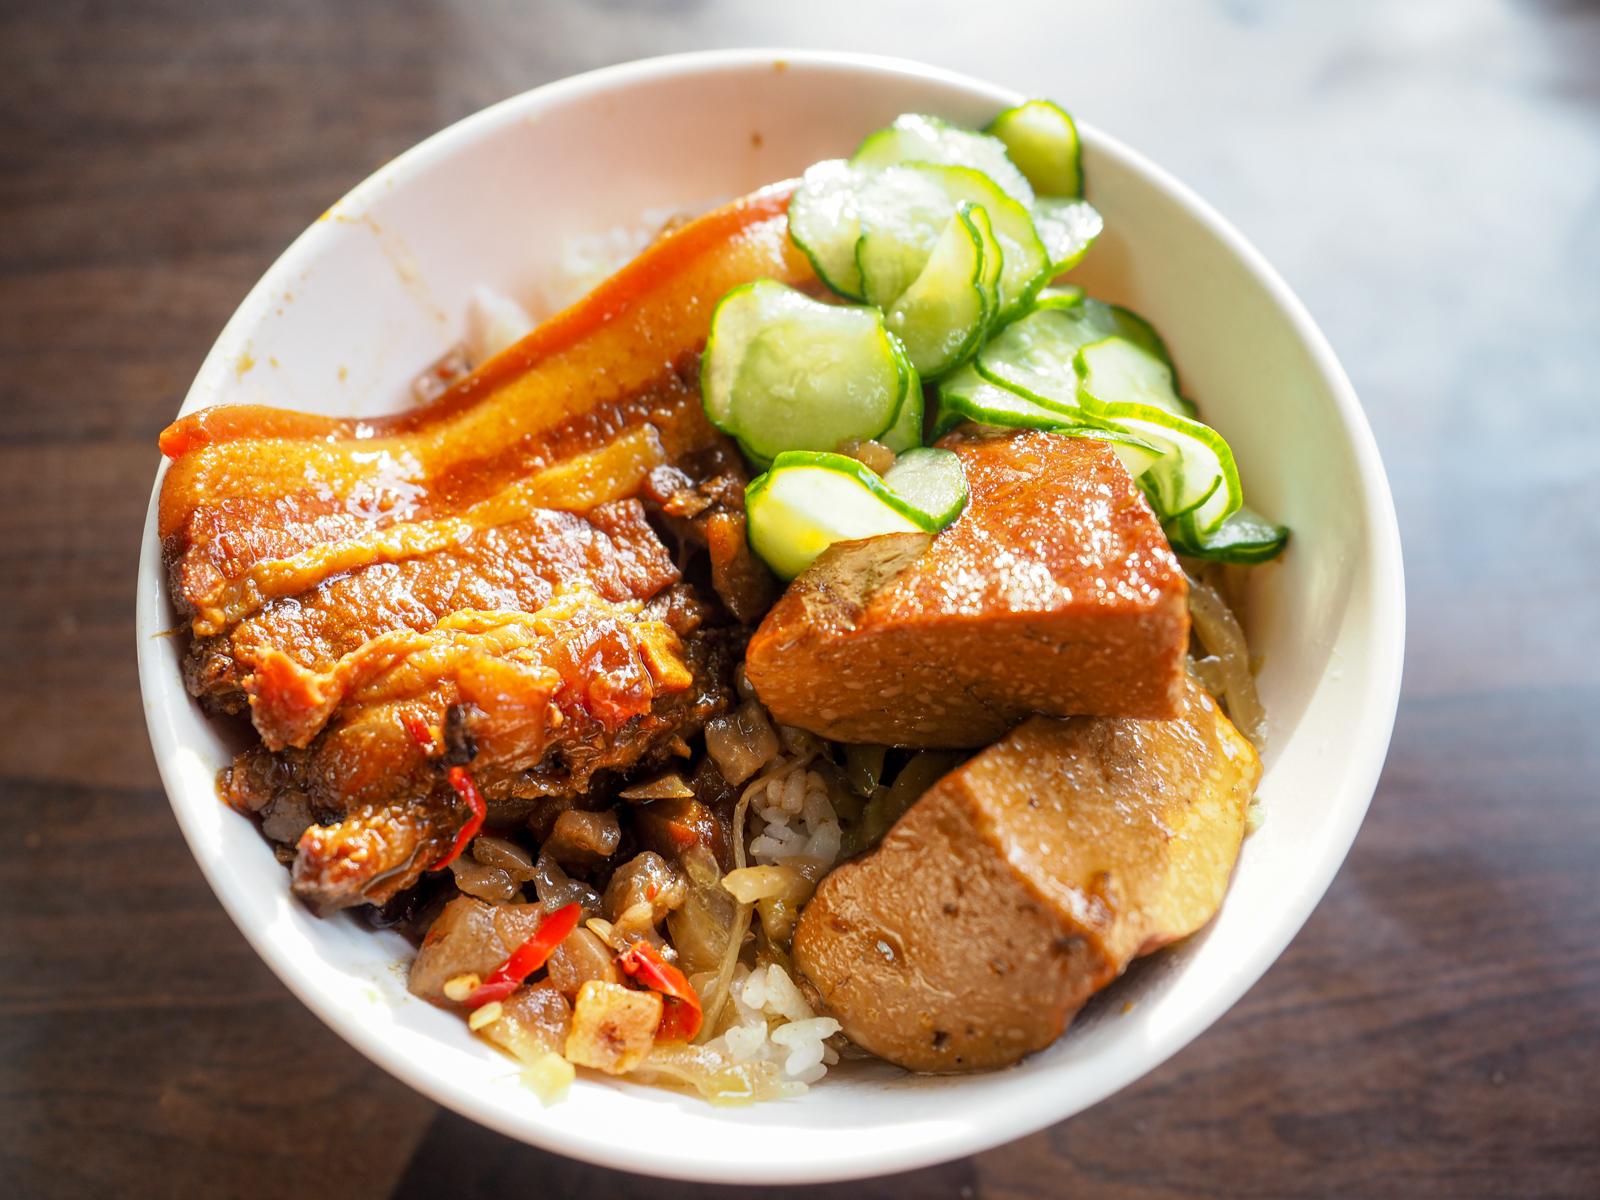 【萬華美食】一甲子餐飲 祖師廟焢肉飯 願稱你萬華最強控肉飯